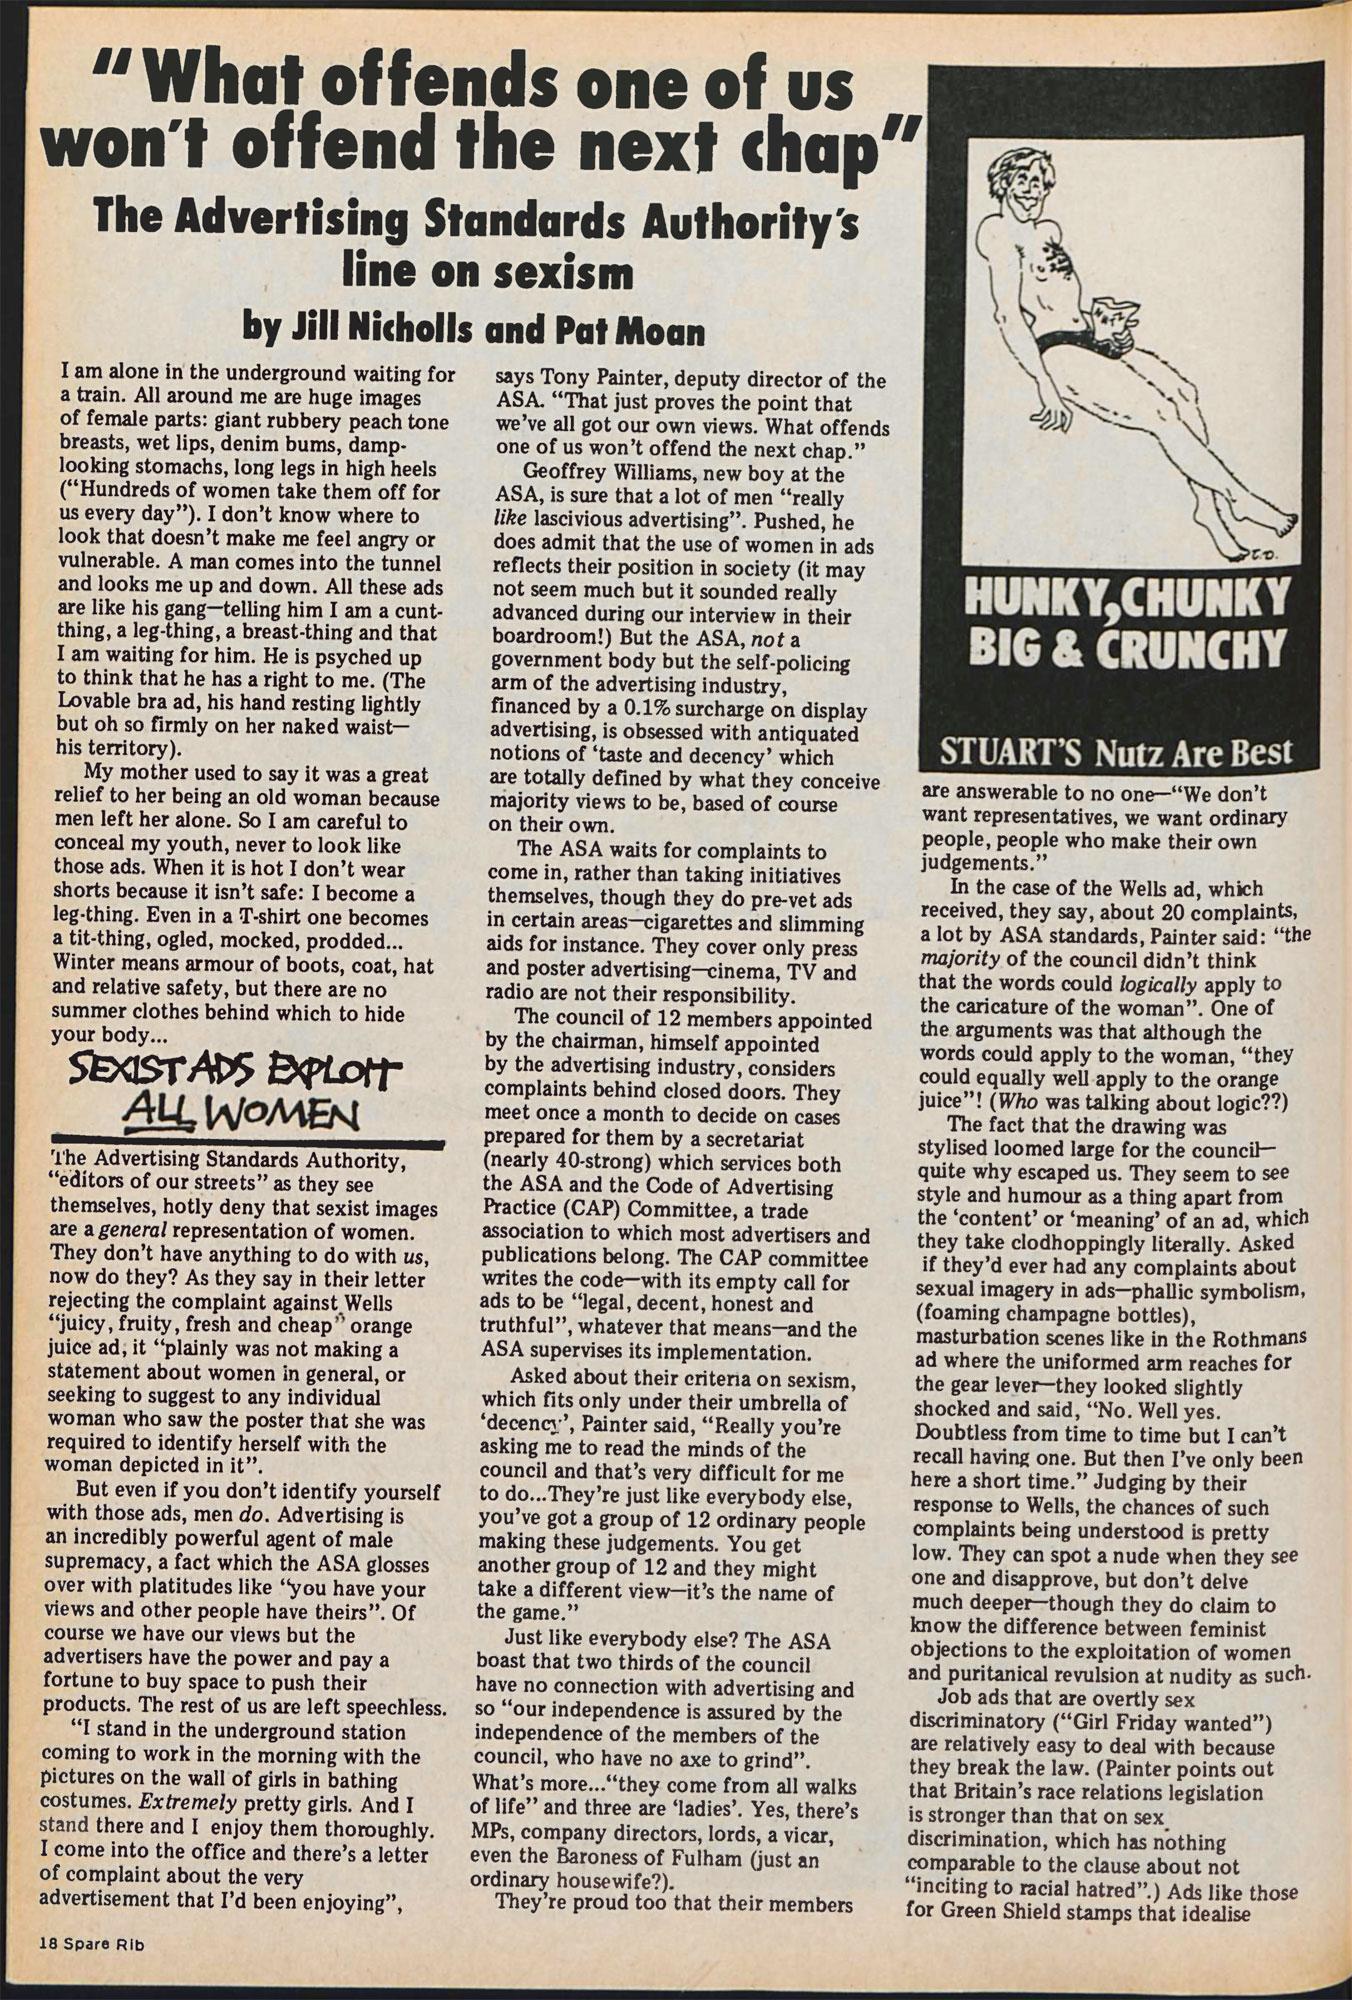 Spare Rib magazine issue 72 p. 18